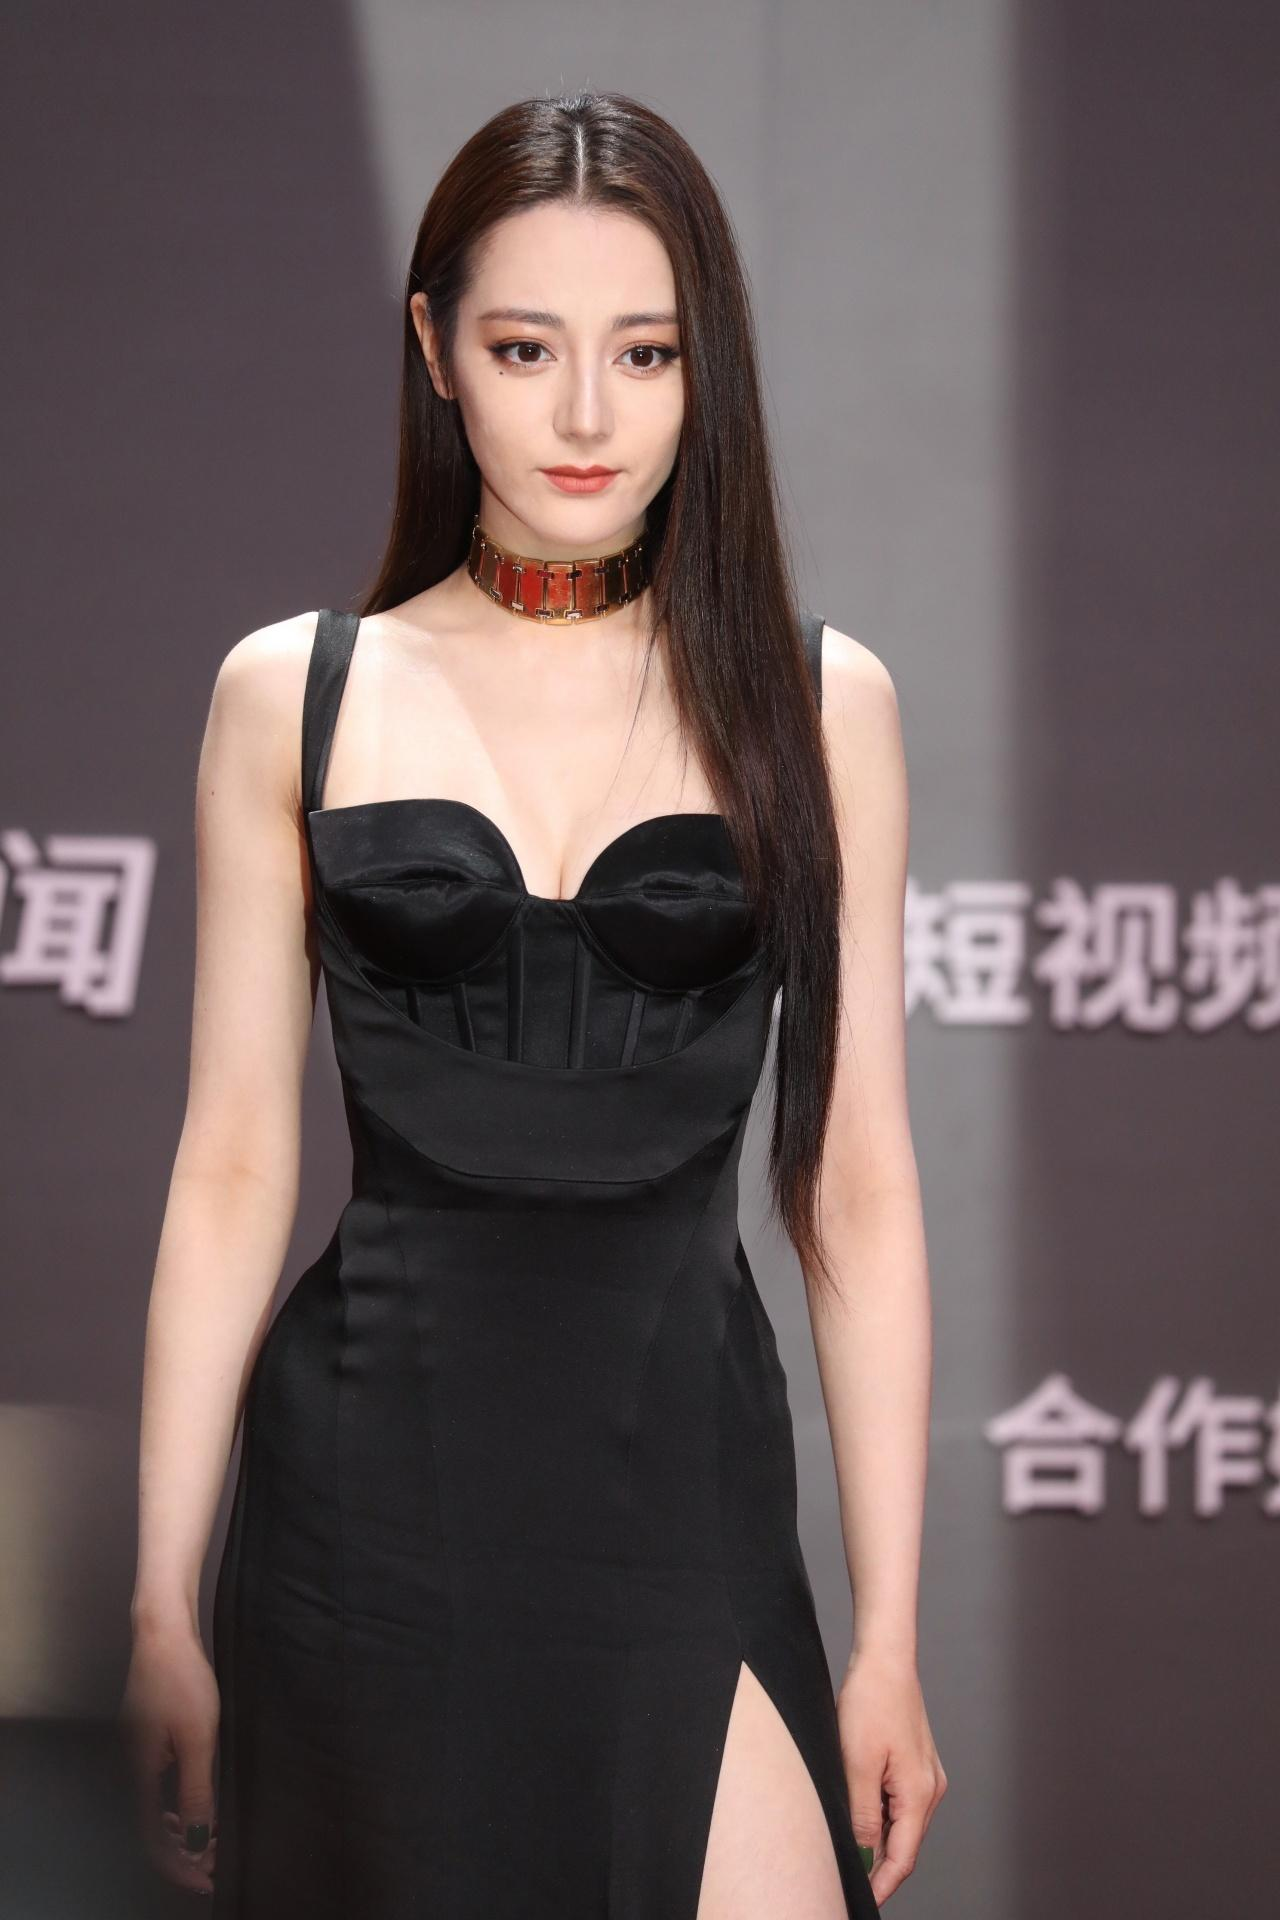 ตี๋ลี่เร่อปา นักแสดงหญิงชาวจีนเชื้อสายอุยกูร์